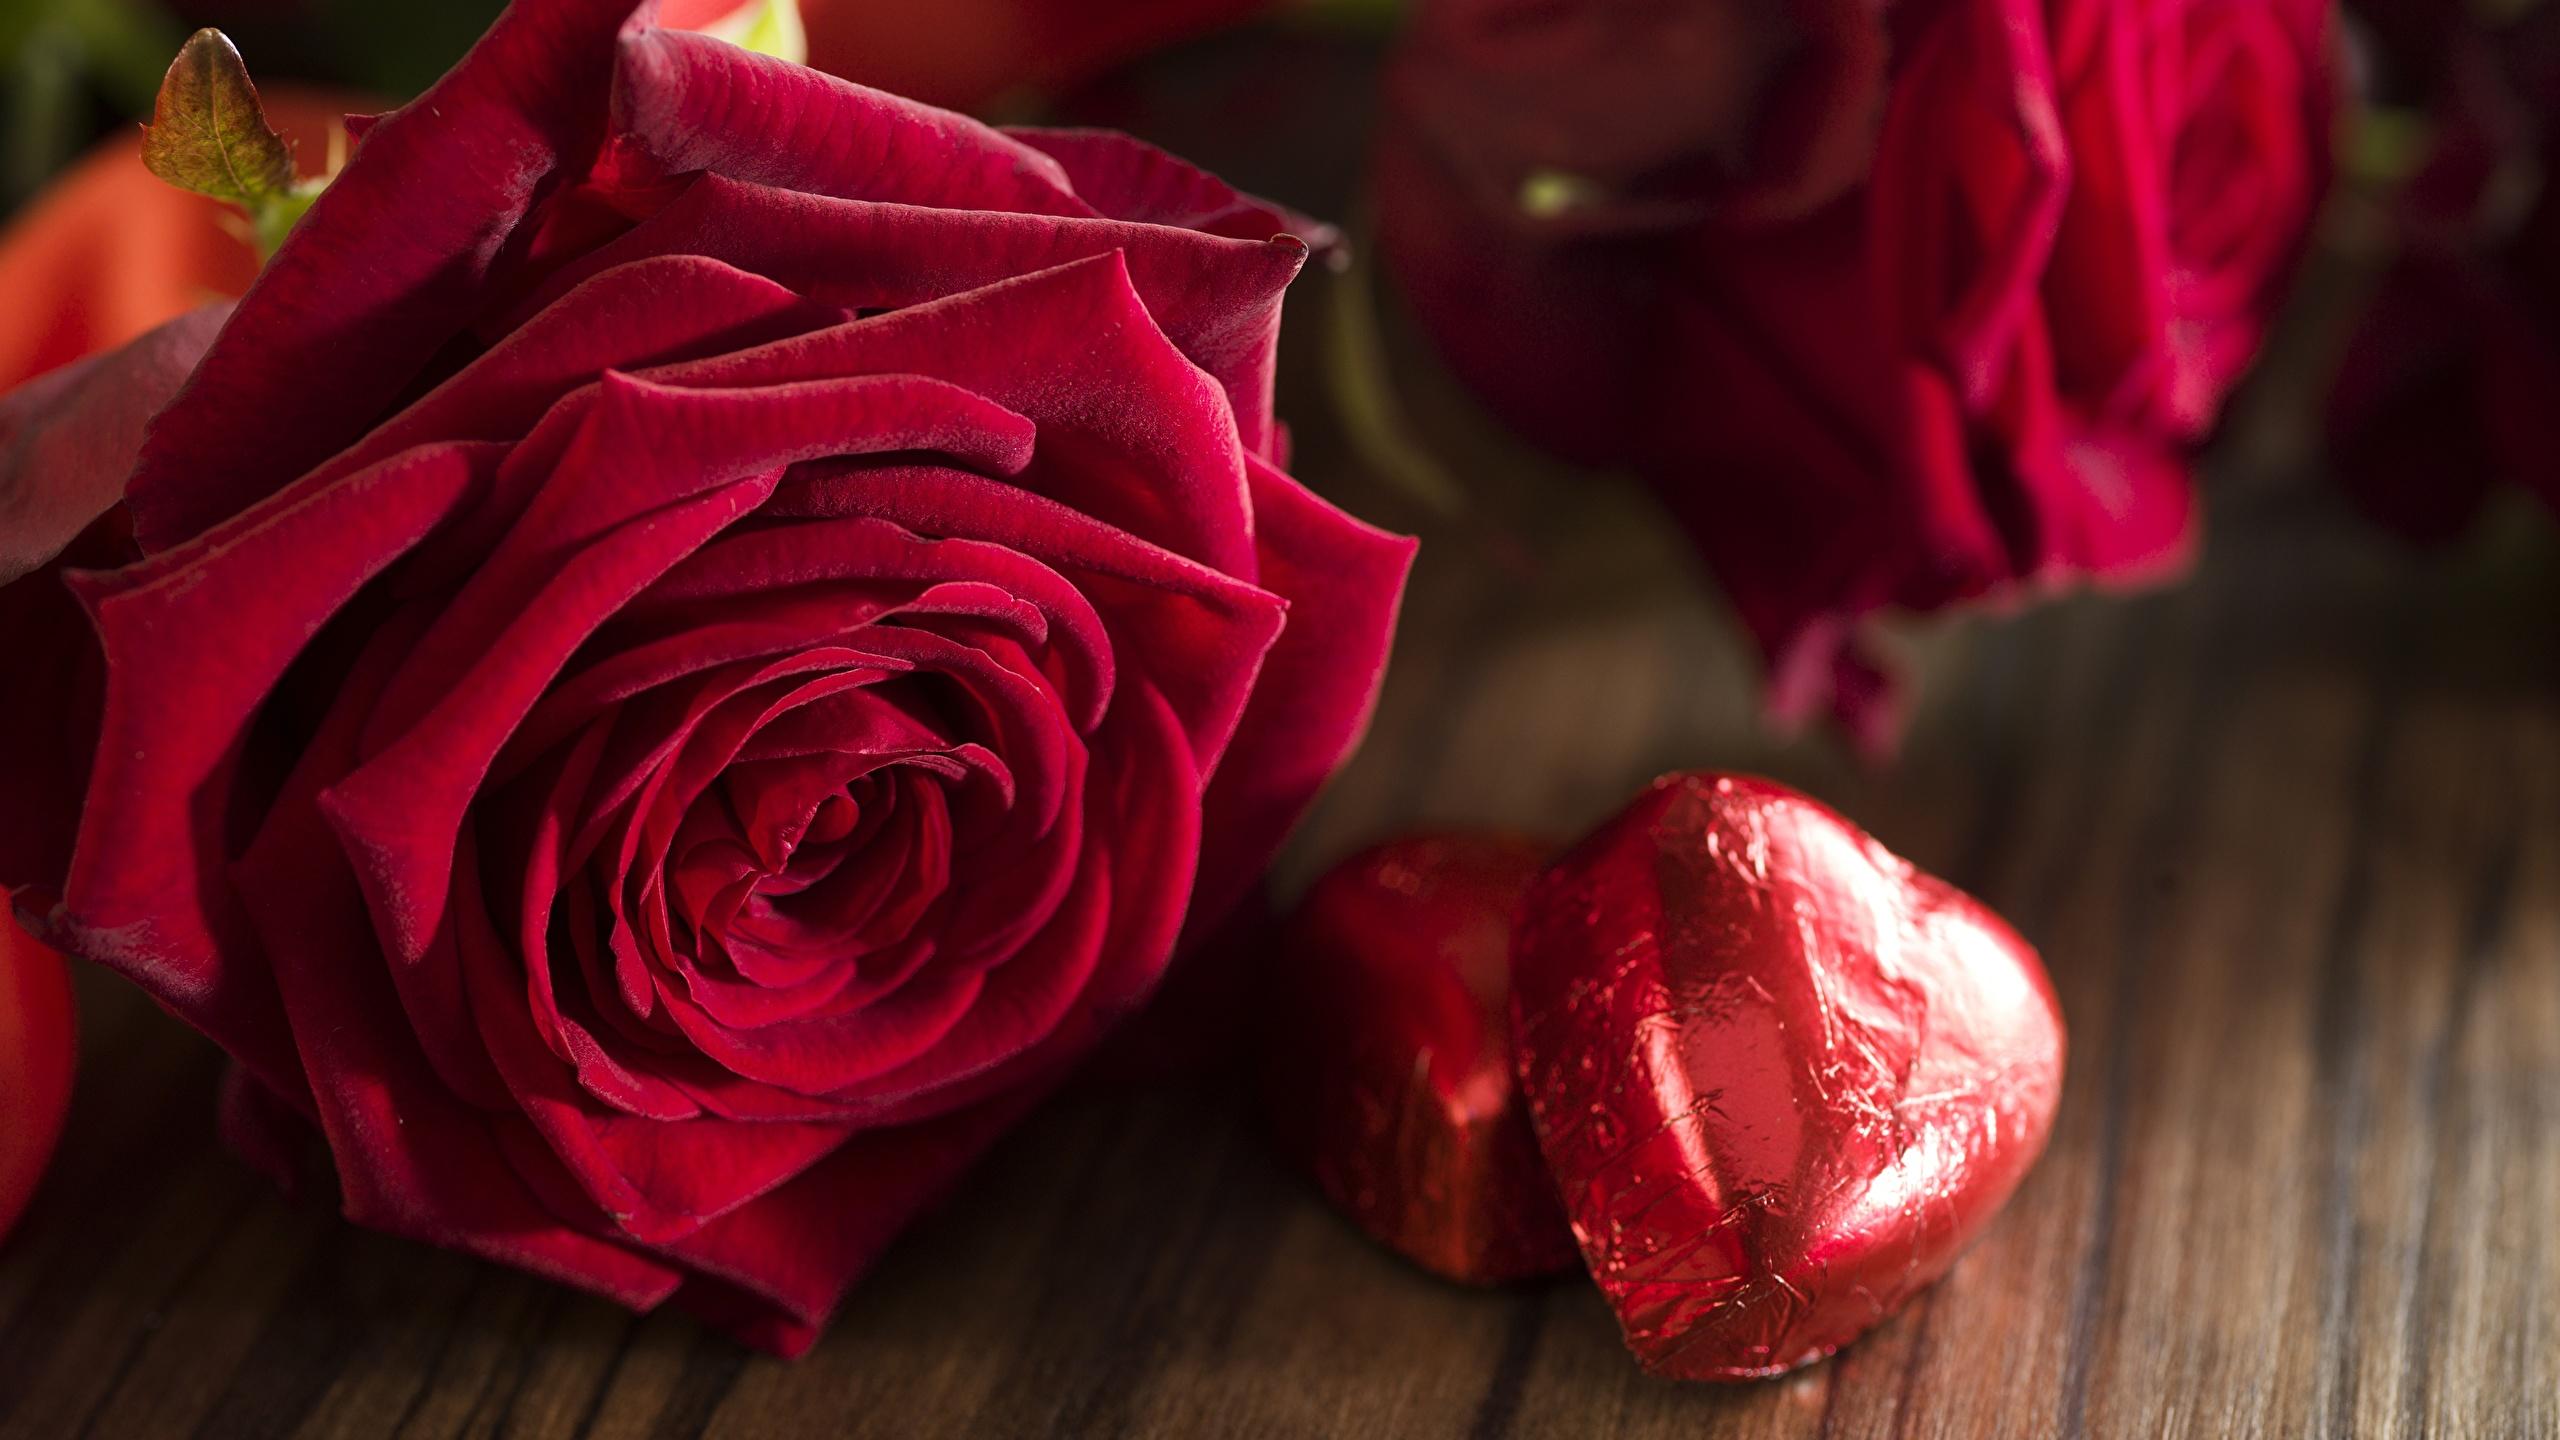 Fonds Decran 2560x1440 Roses Rouge Fleurs Télécharger Photo